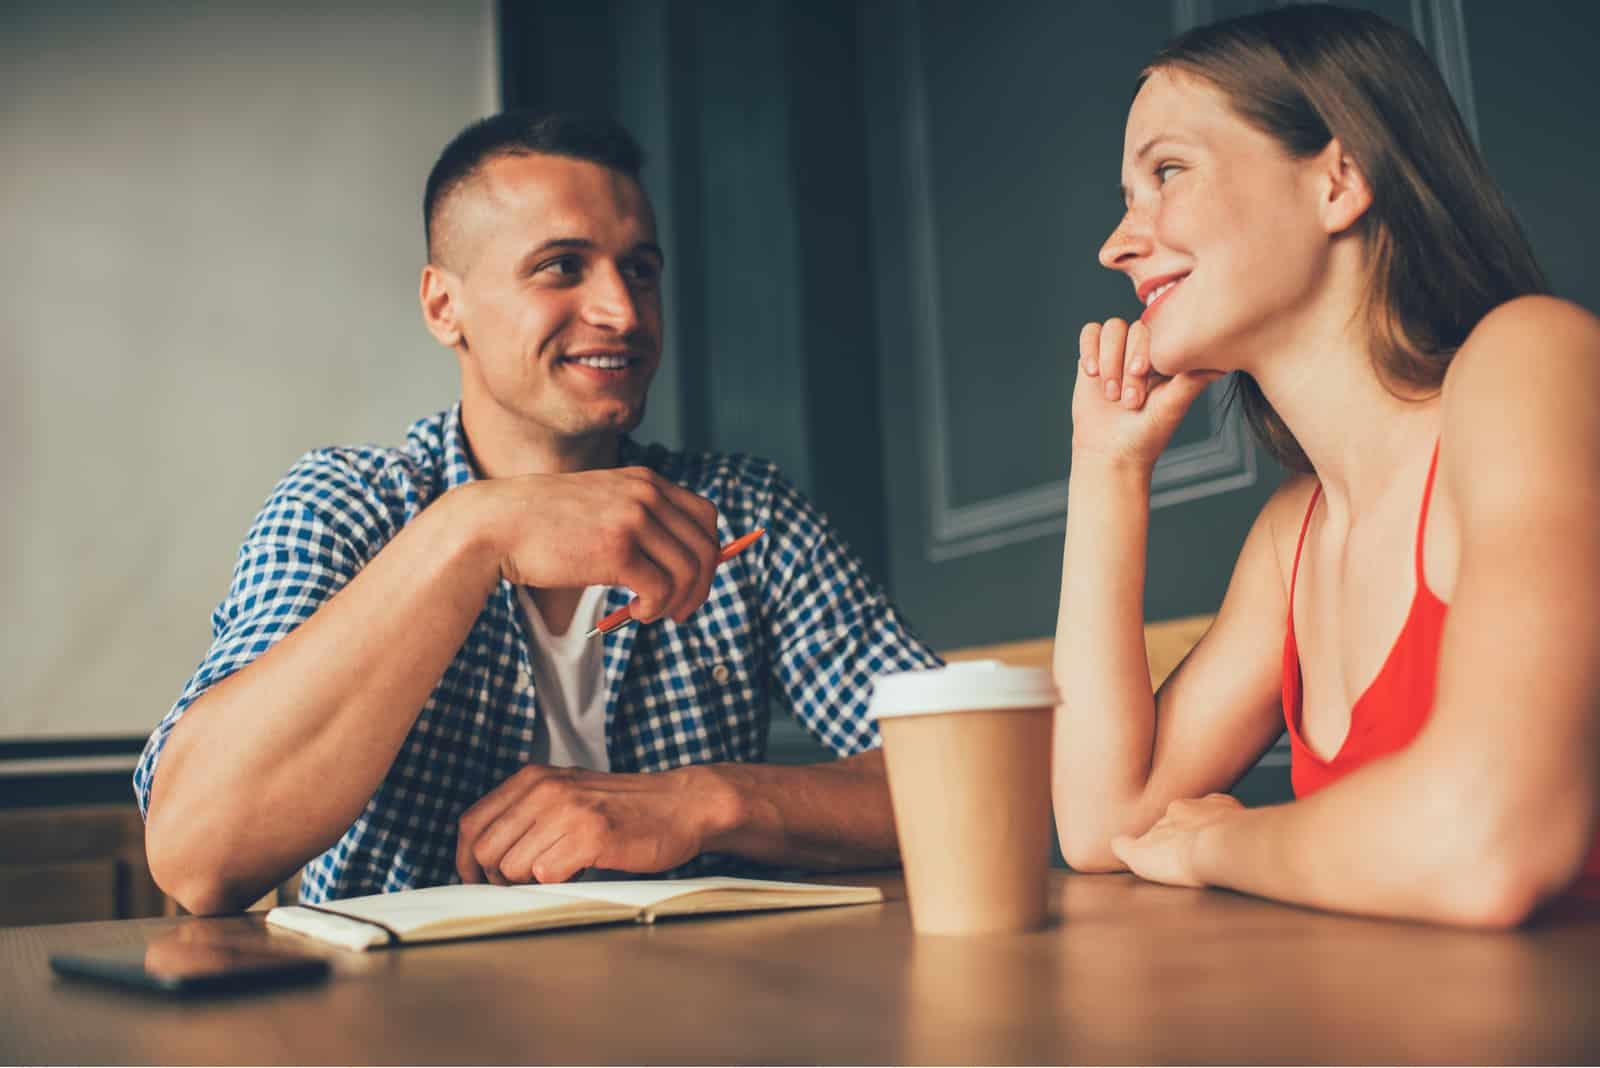 une femme imaginaire assise avec un homme